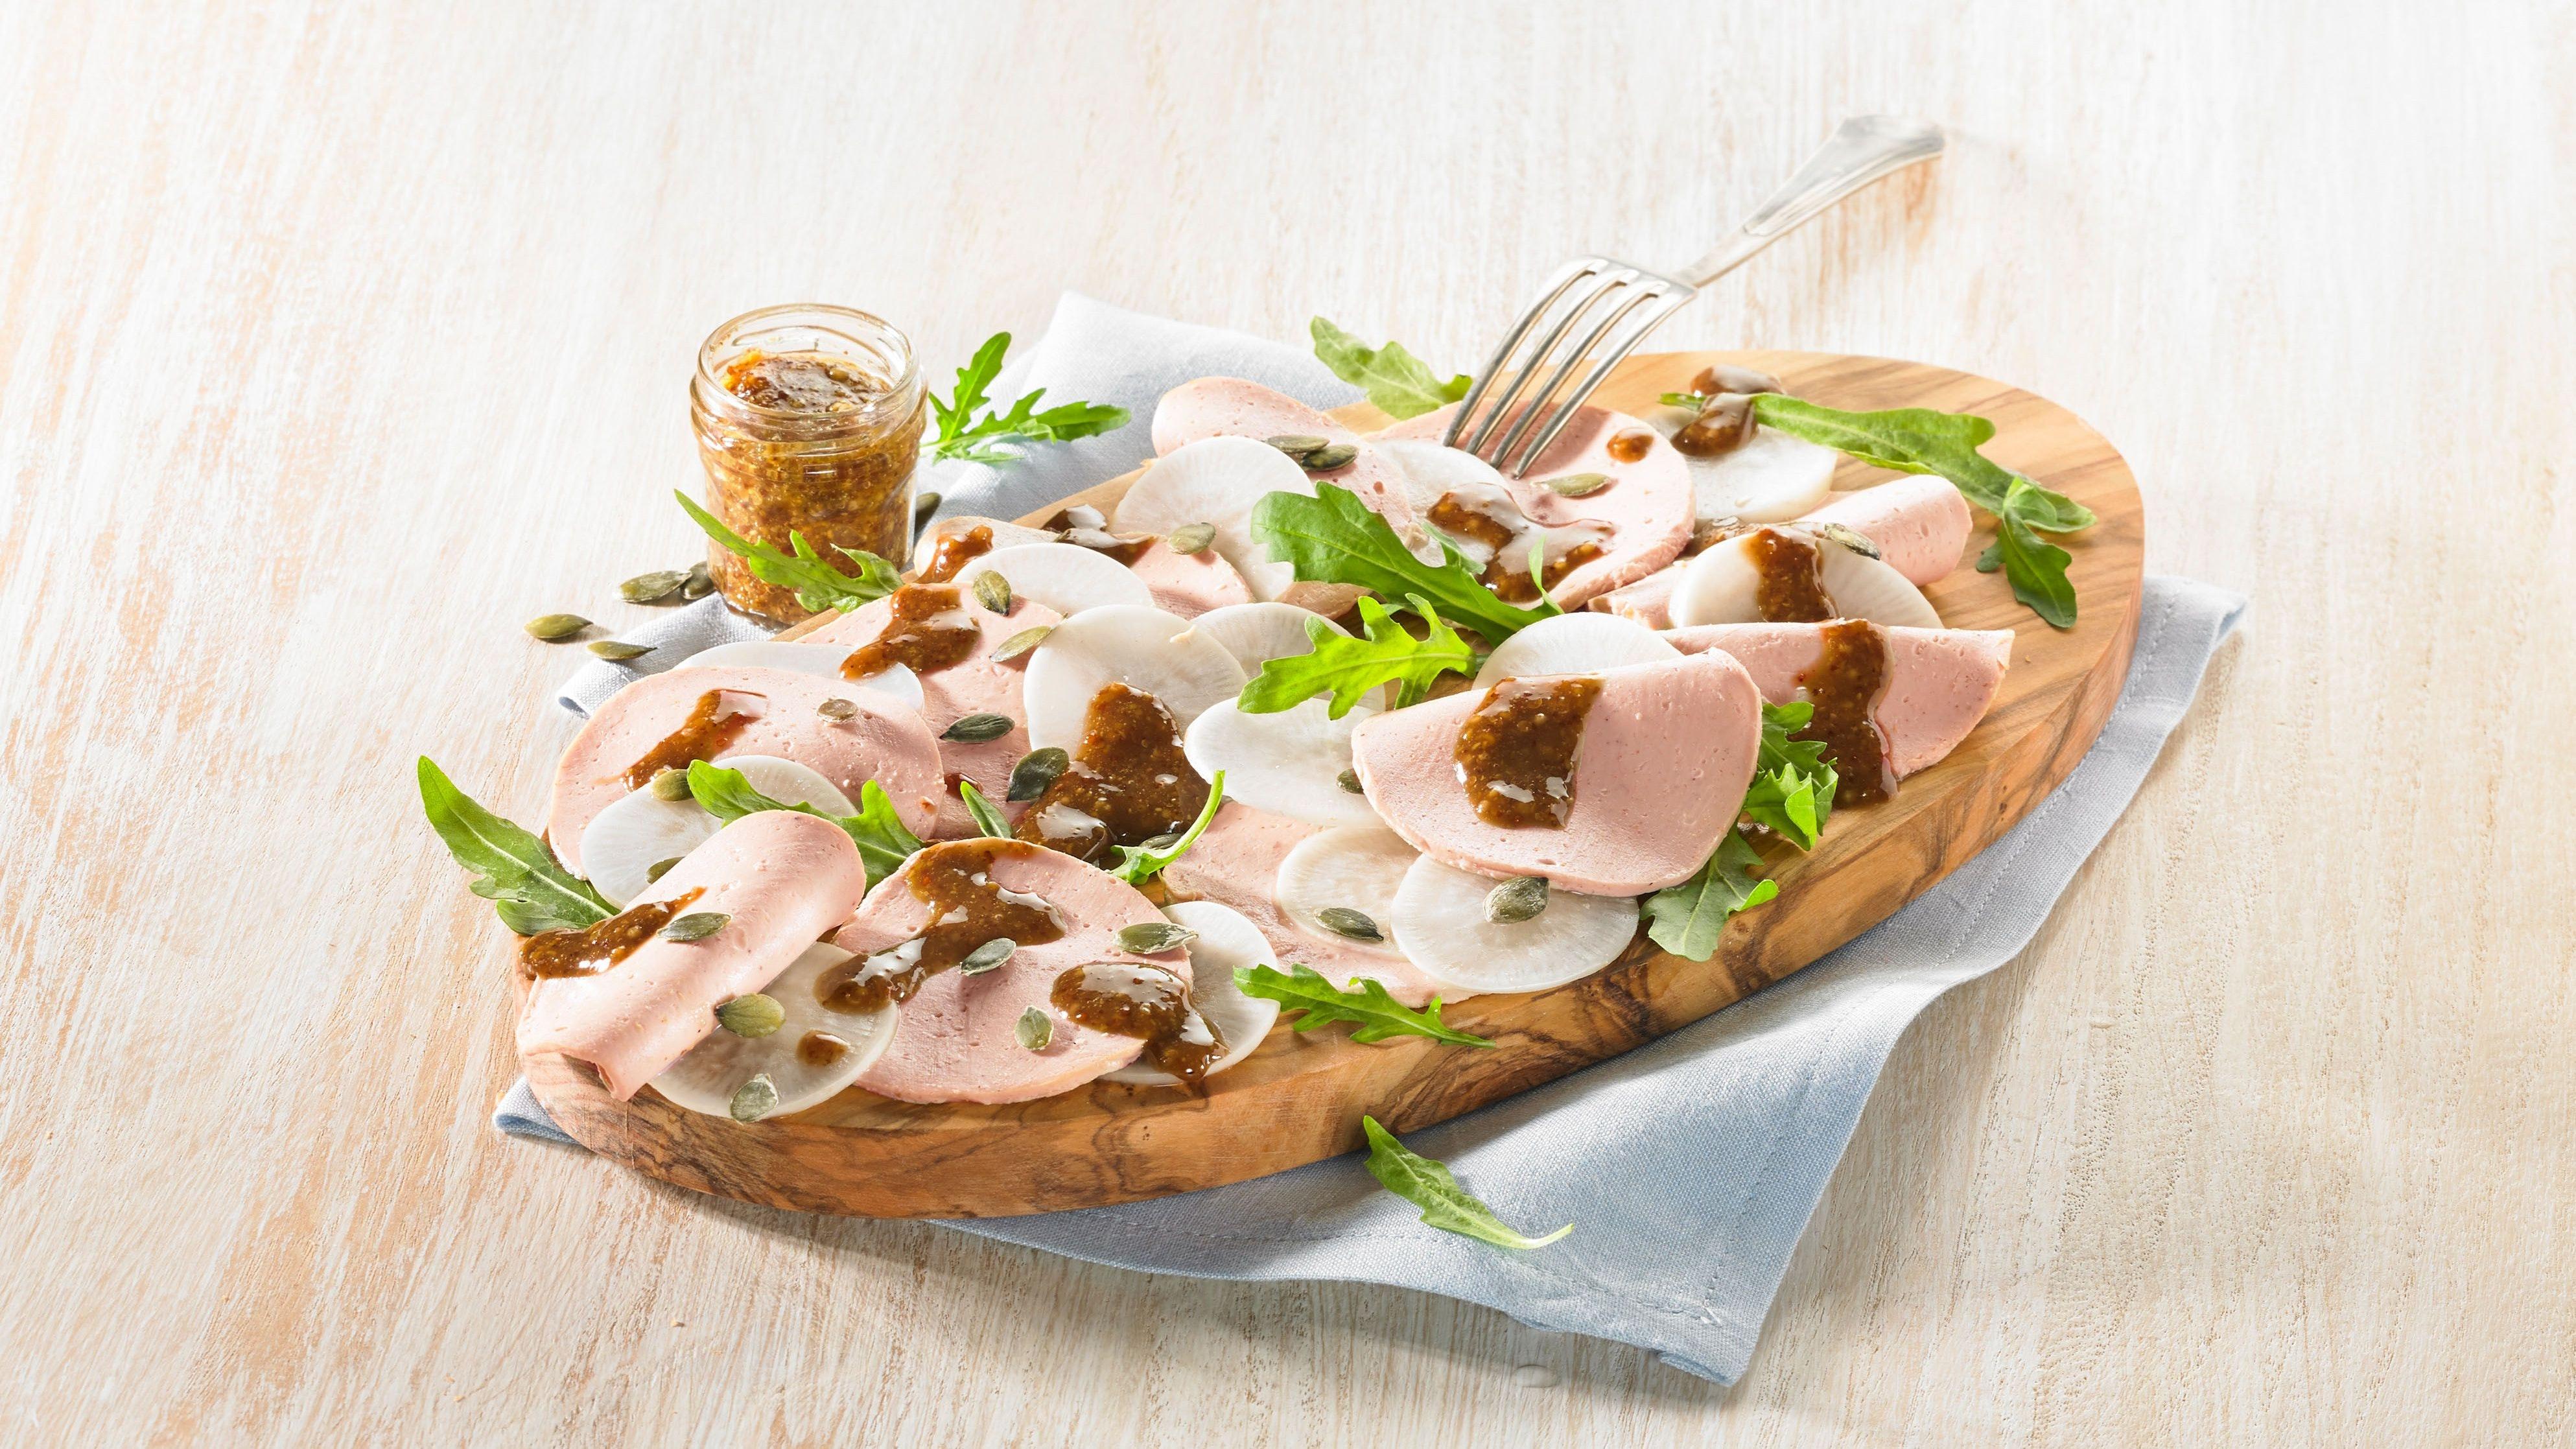 Carpaccio mal anders: Auf bayerische Art wird das Gericht mit fettarmer Putenwurst, Rettich und einem nussigen Salat- und Rohkostöl serviert. Foto: djd/Egle